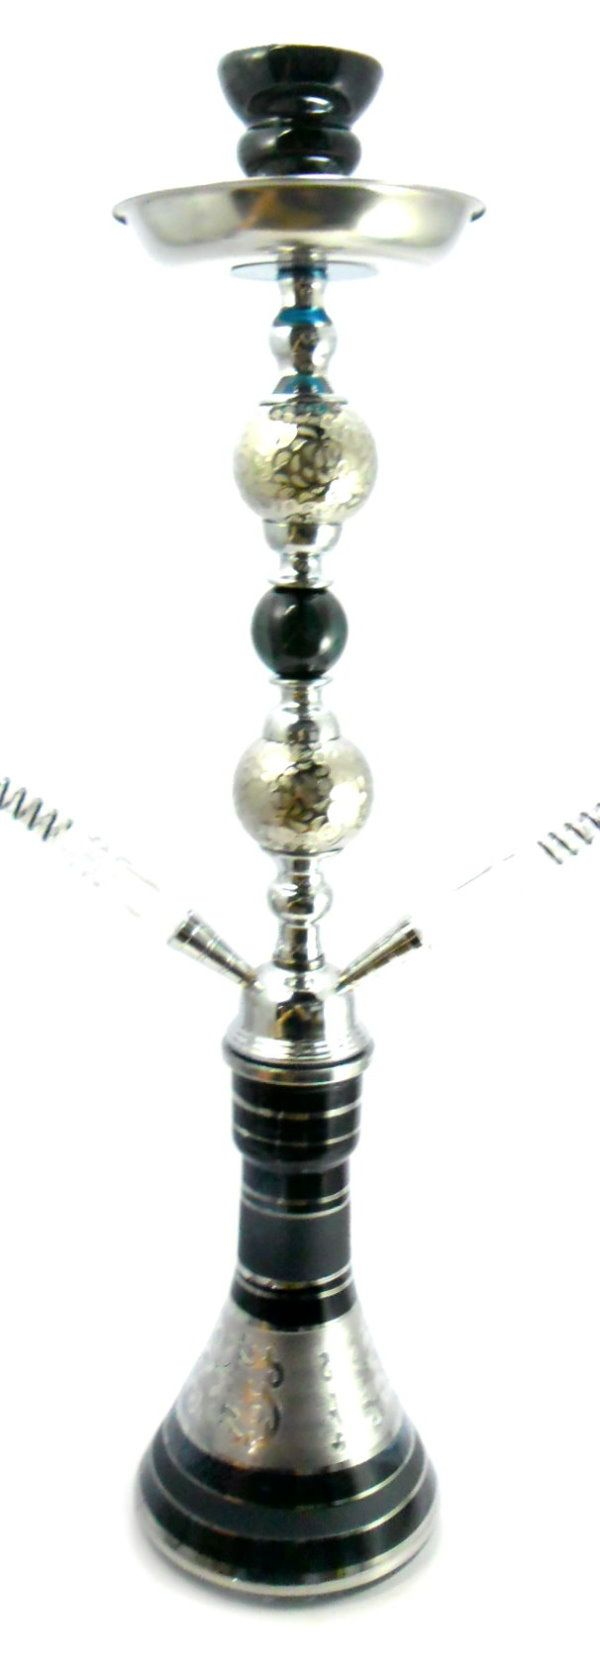 Narguile Grande 59cm preto e cromado, abafador, pinça especial, fogareiro elétrico e carvão de coco.